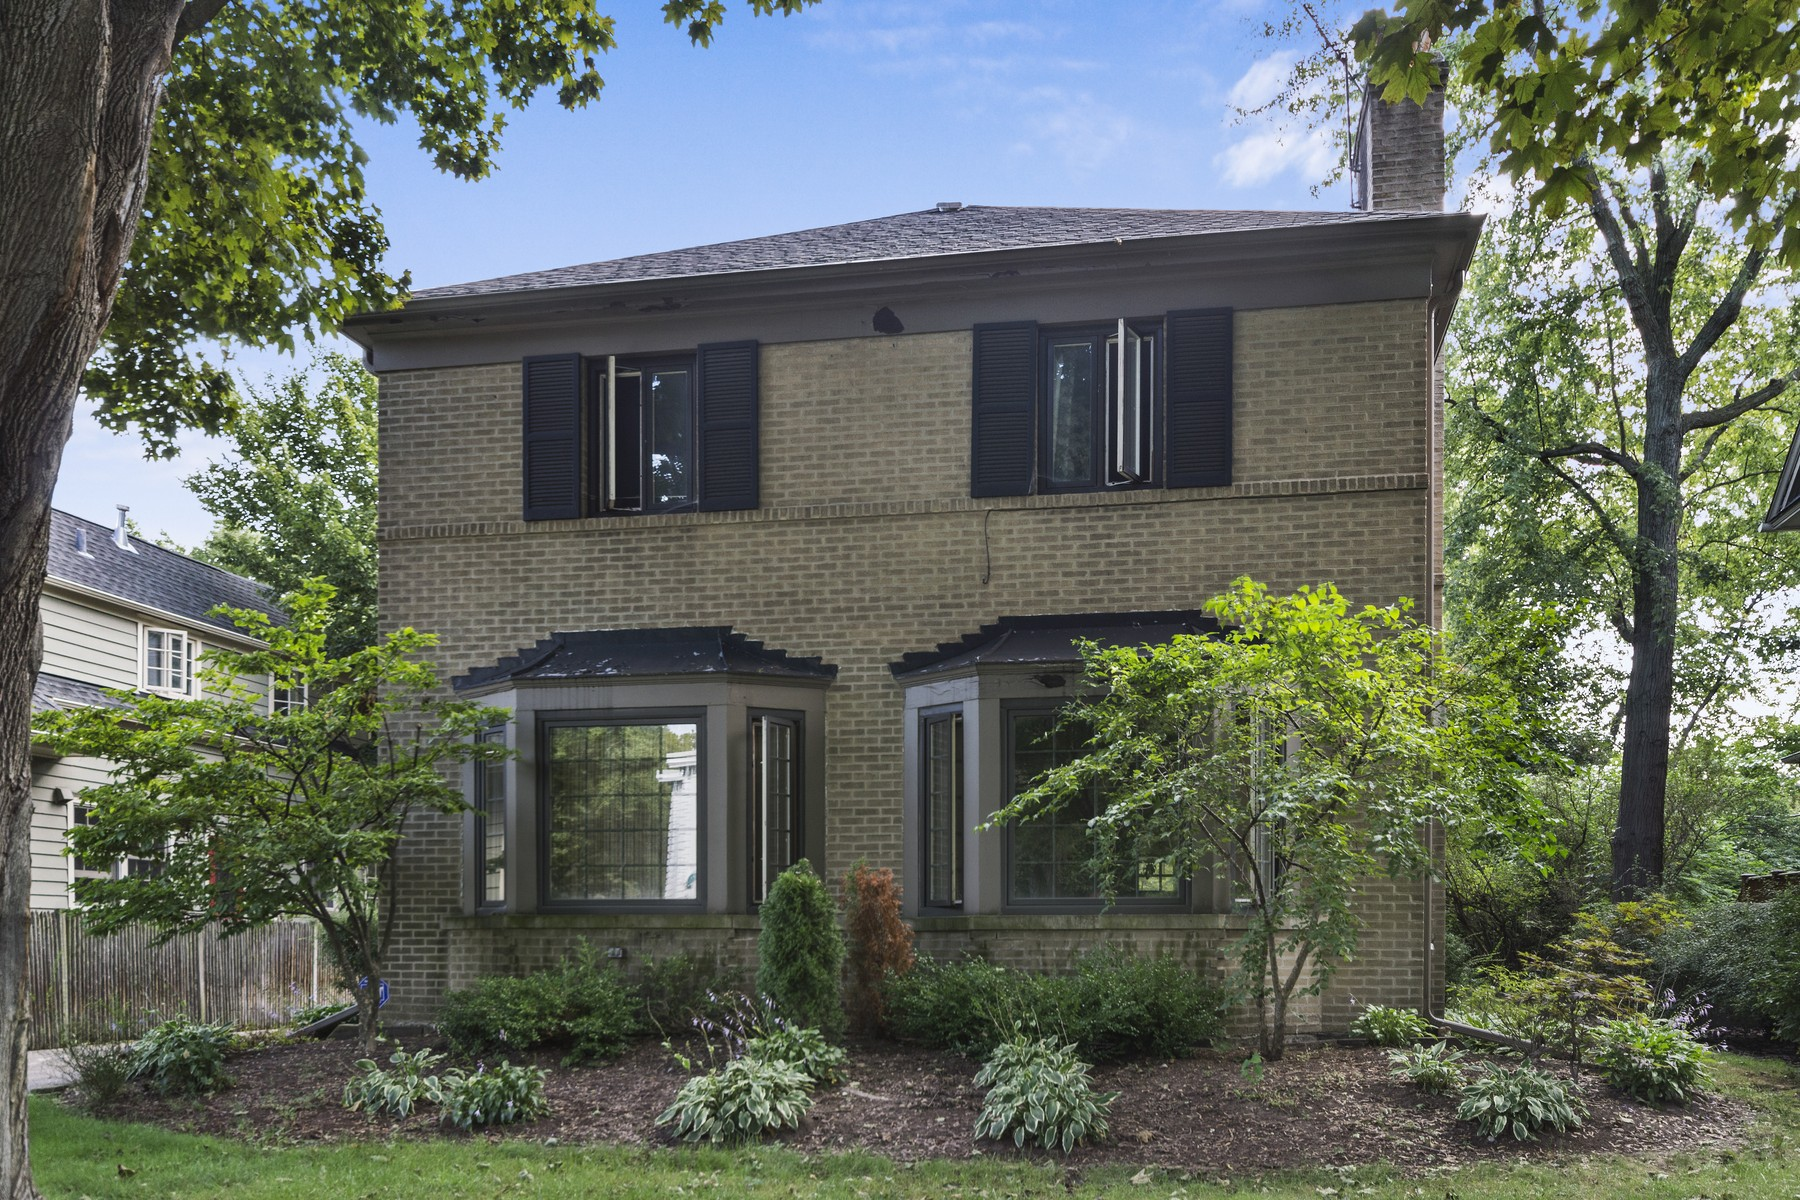 Casa Unifamiliar por un Venta en Gracious, Large Home 1123 Asbury Avenue Evanston, Illinois, 60202 Estados Unidos